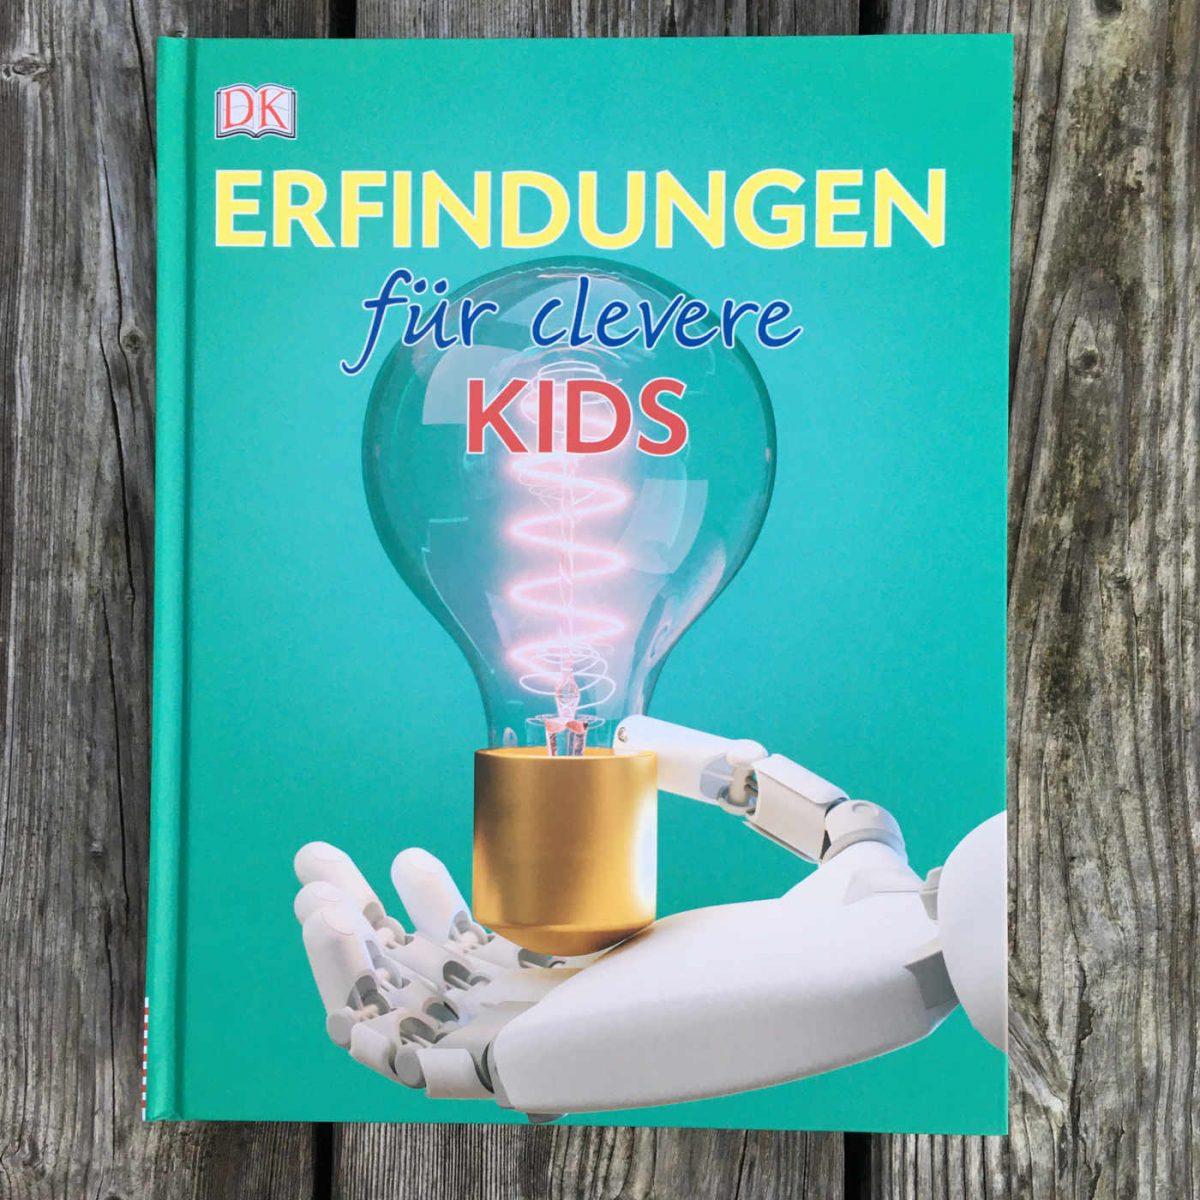 John Farndon et al.: Erfindungen für clevere Kids